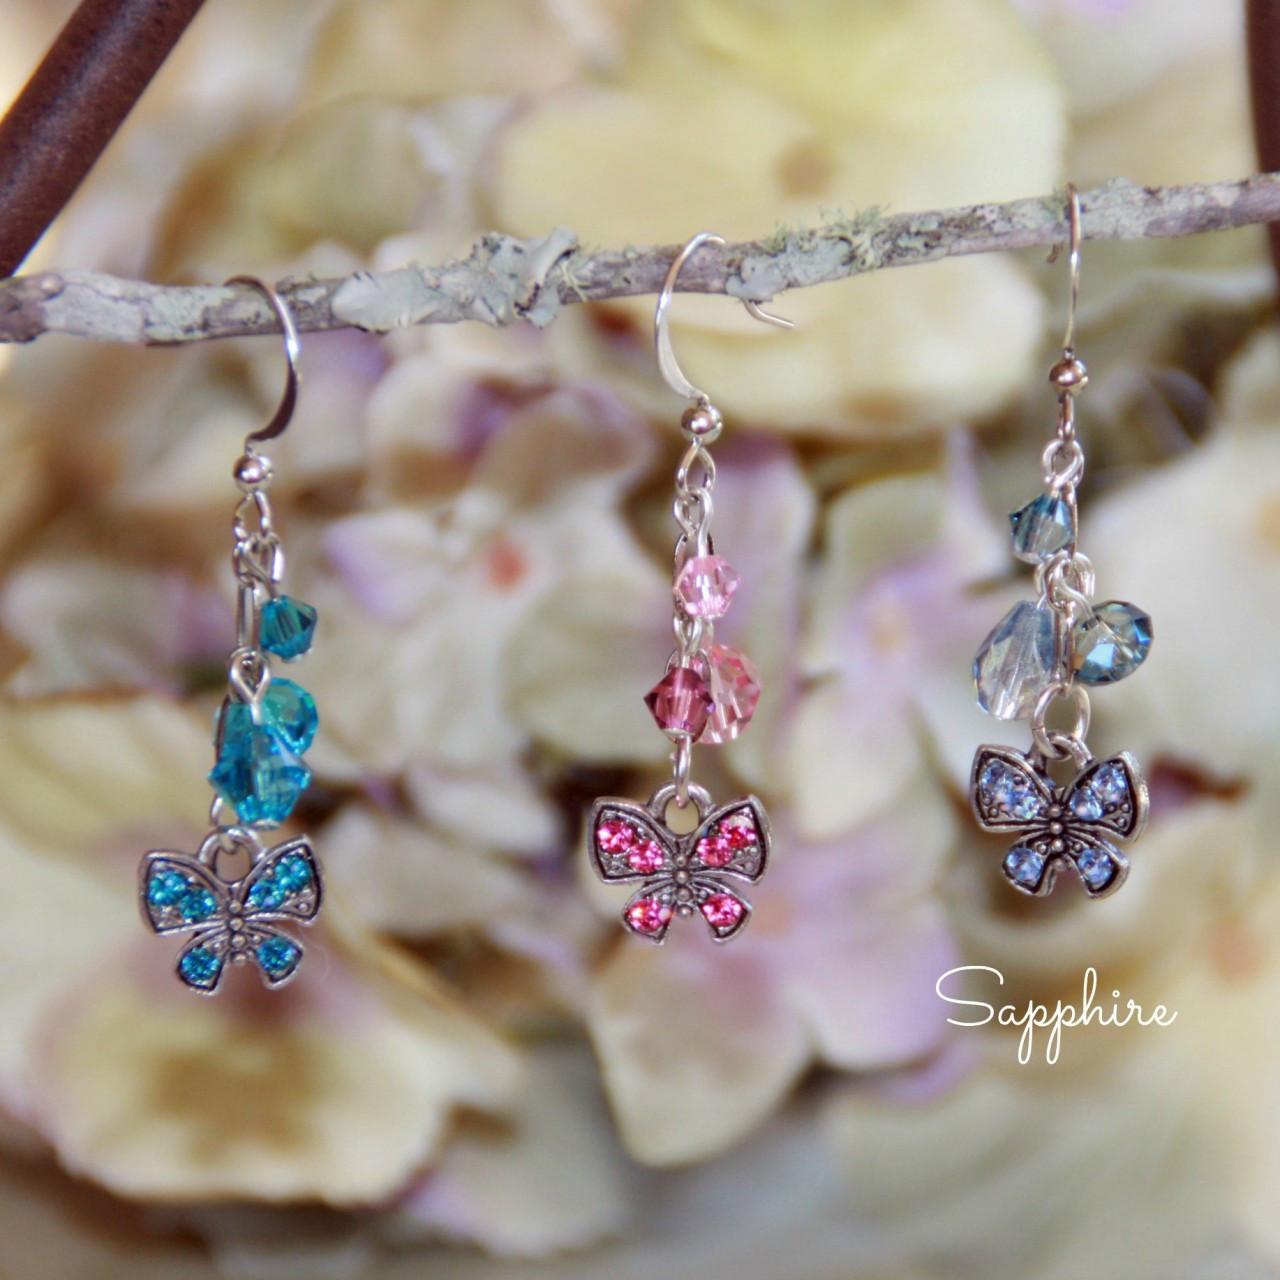 AER-25 Butterfly Crystal Earrings Sapphire Swarovski